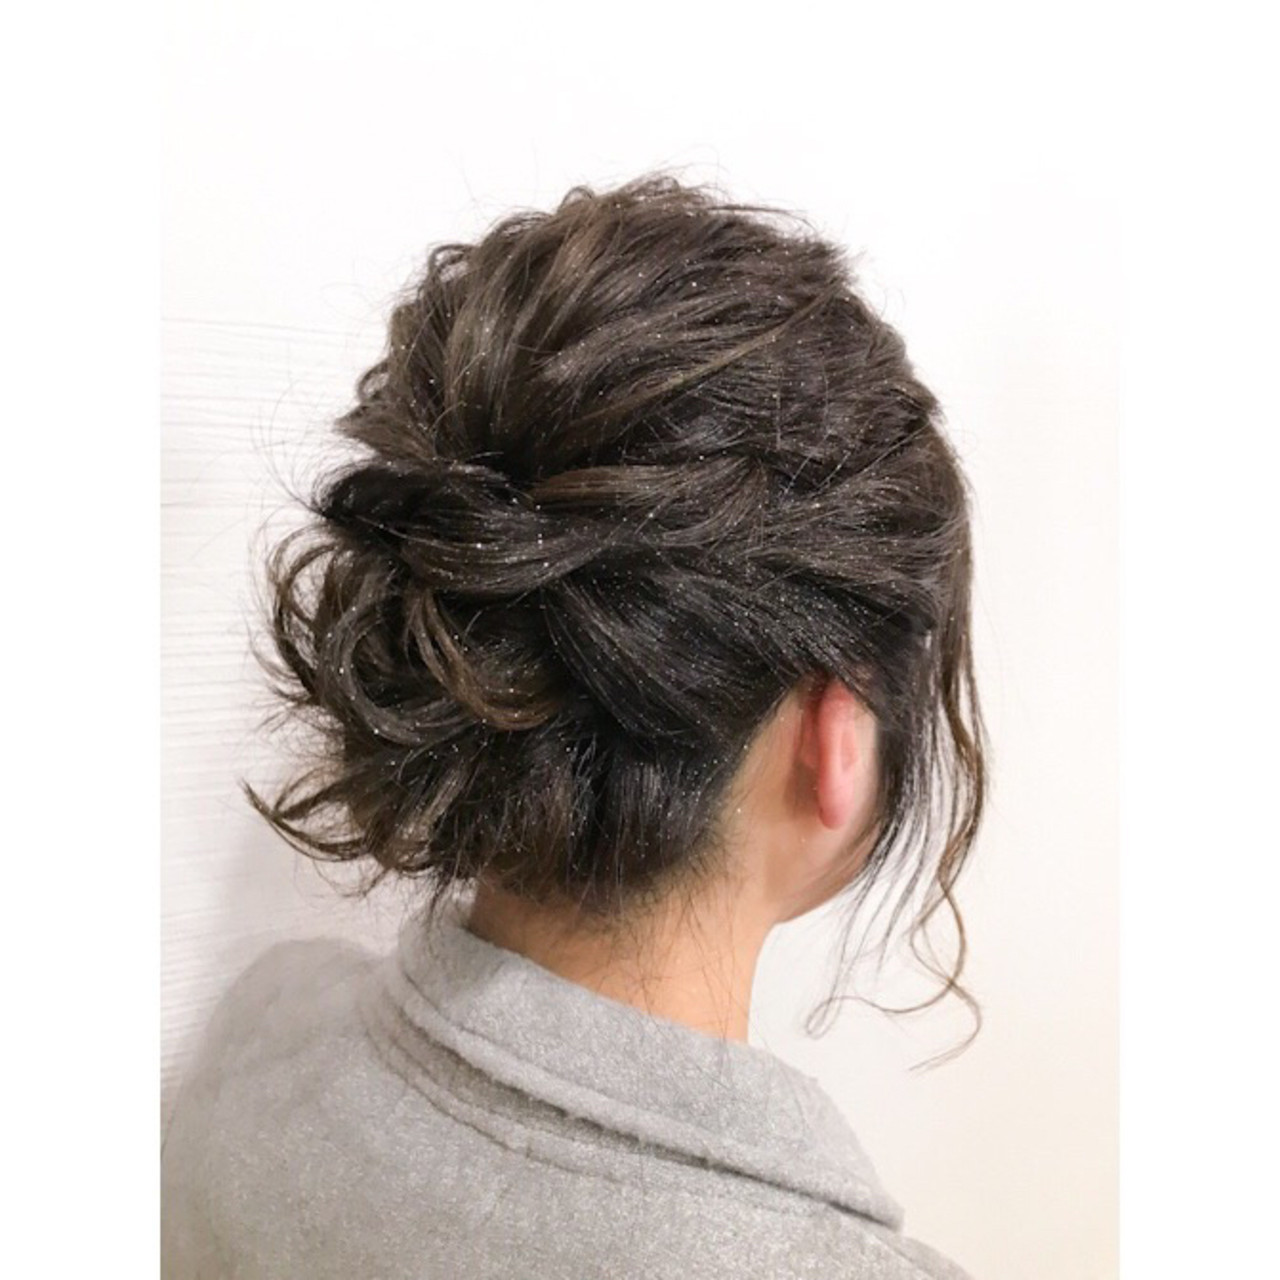 簡単ヘアアレンジ ナチュラル ボブ ヘアアレンジ ヘアスタイルや髪型の写真・画像